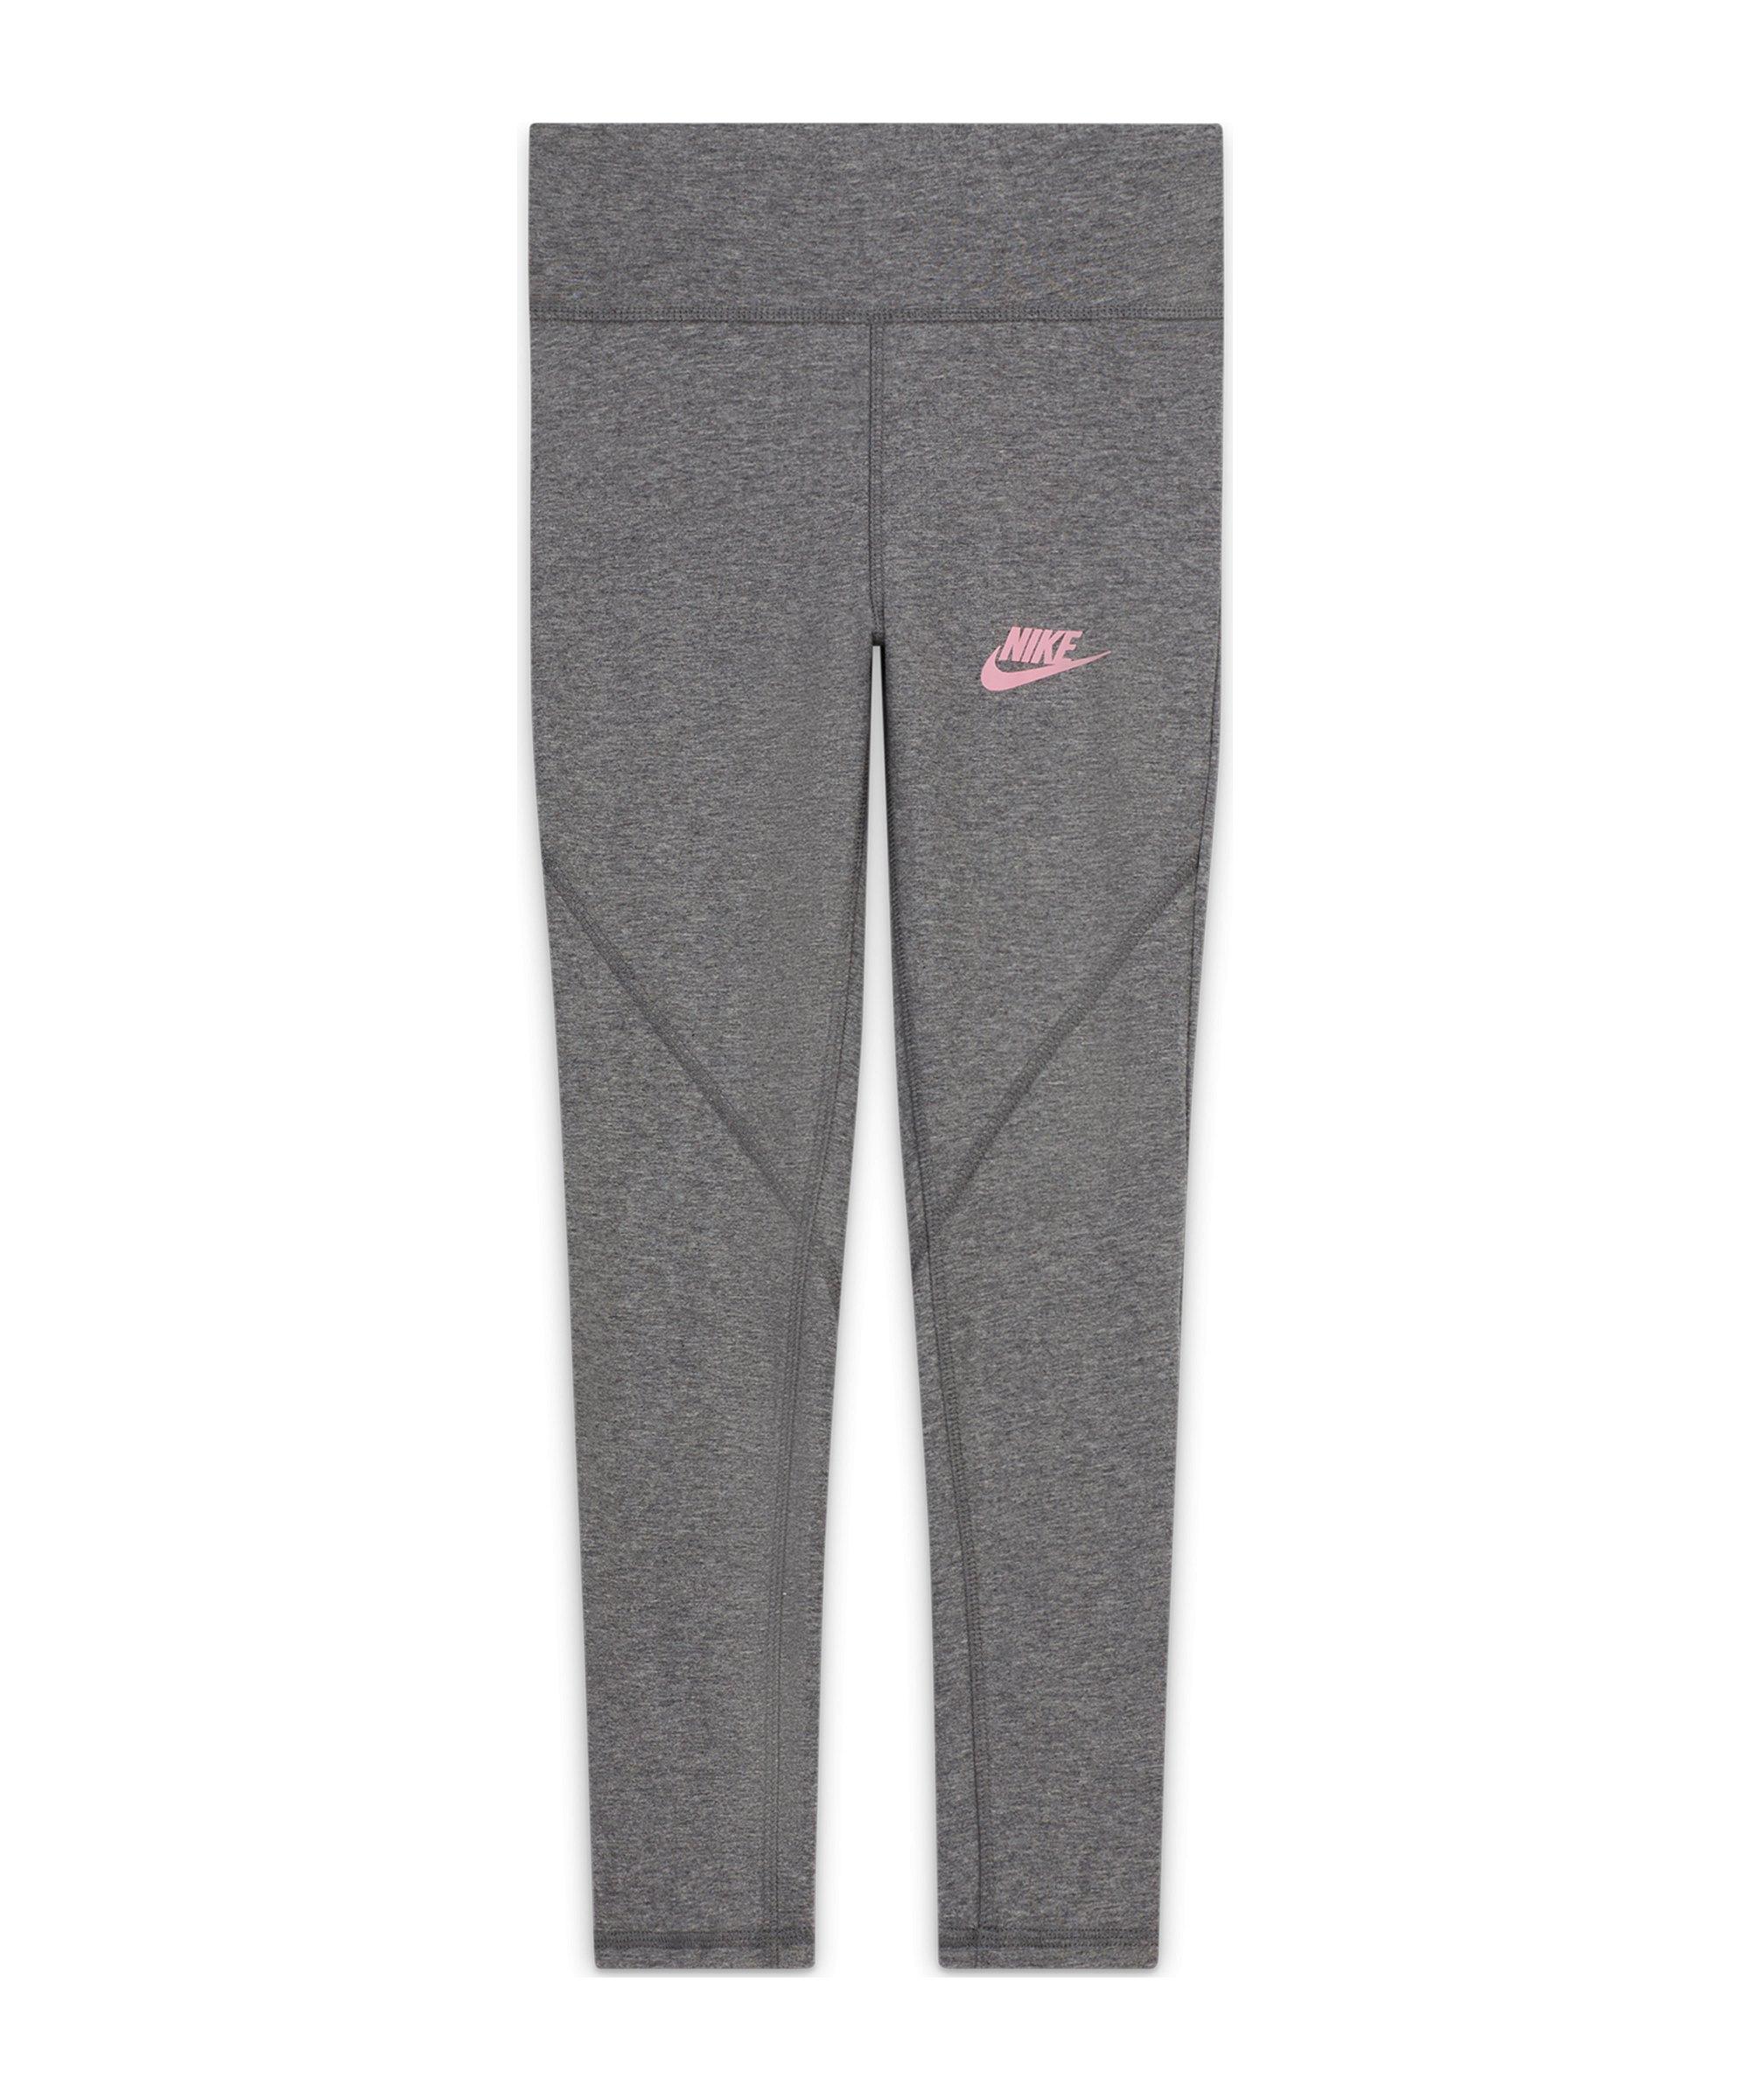 Nike Favorites GX Legging Kids Grau F092 - grau